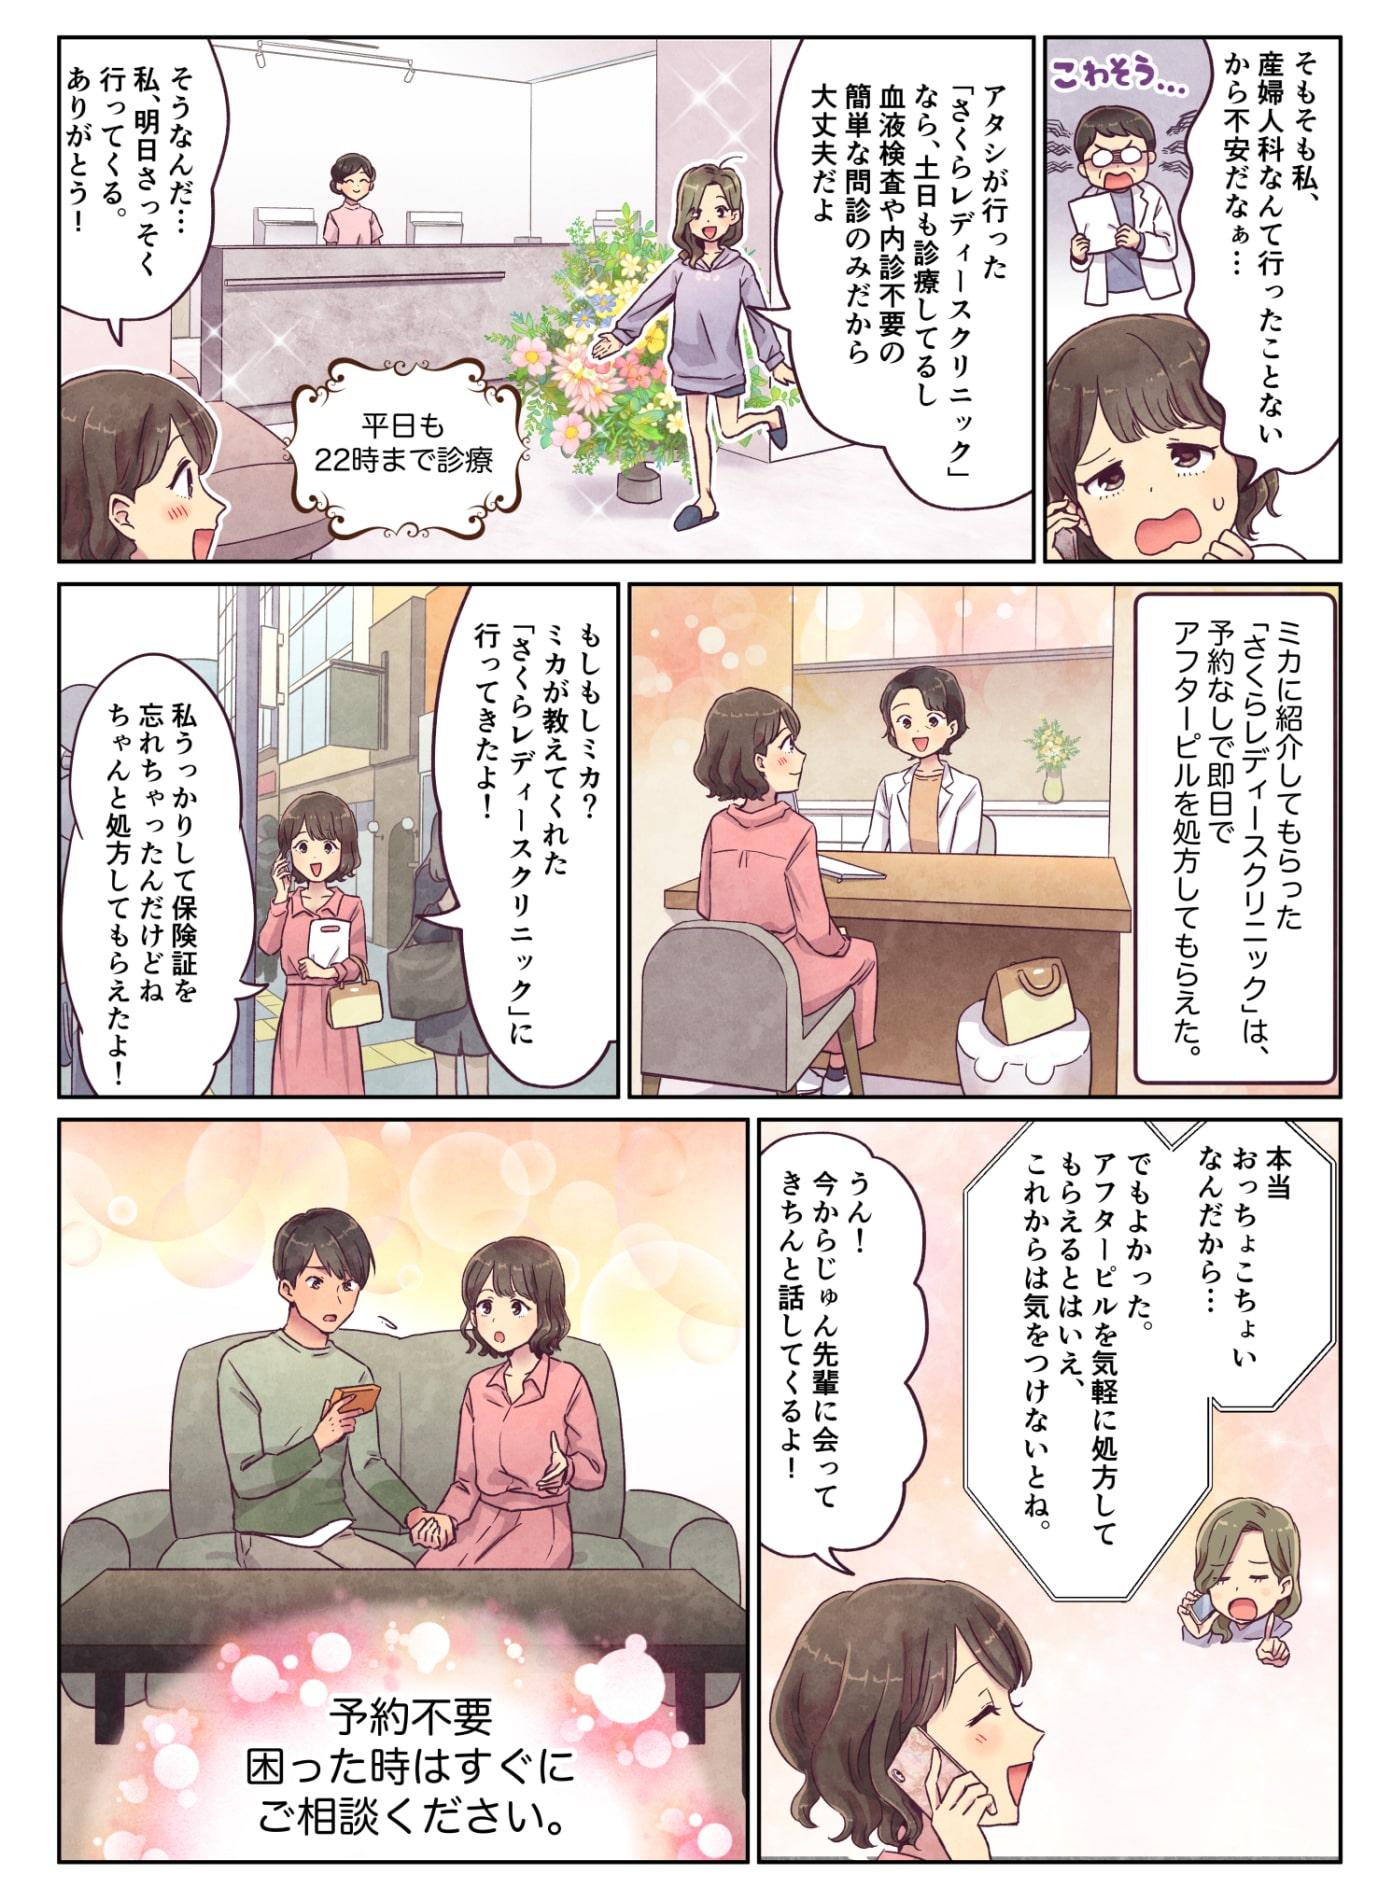 新宿駅前さくらレディースクリニックWEB漫画掲載サンプル2